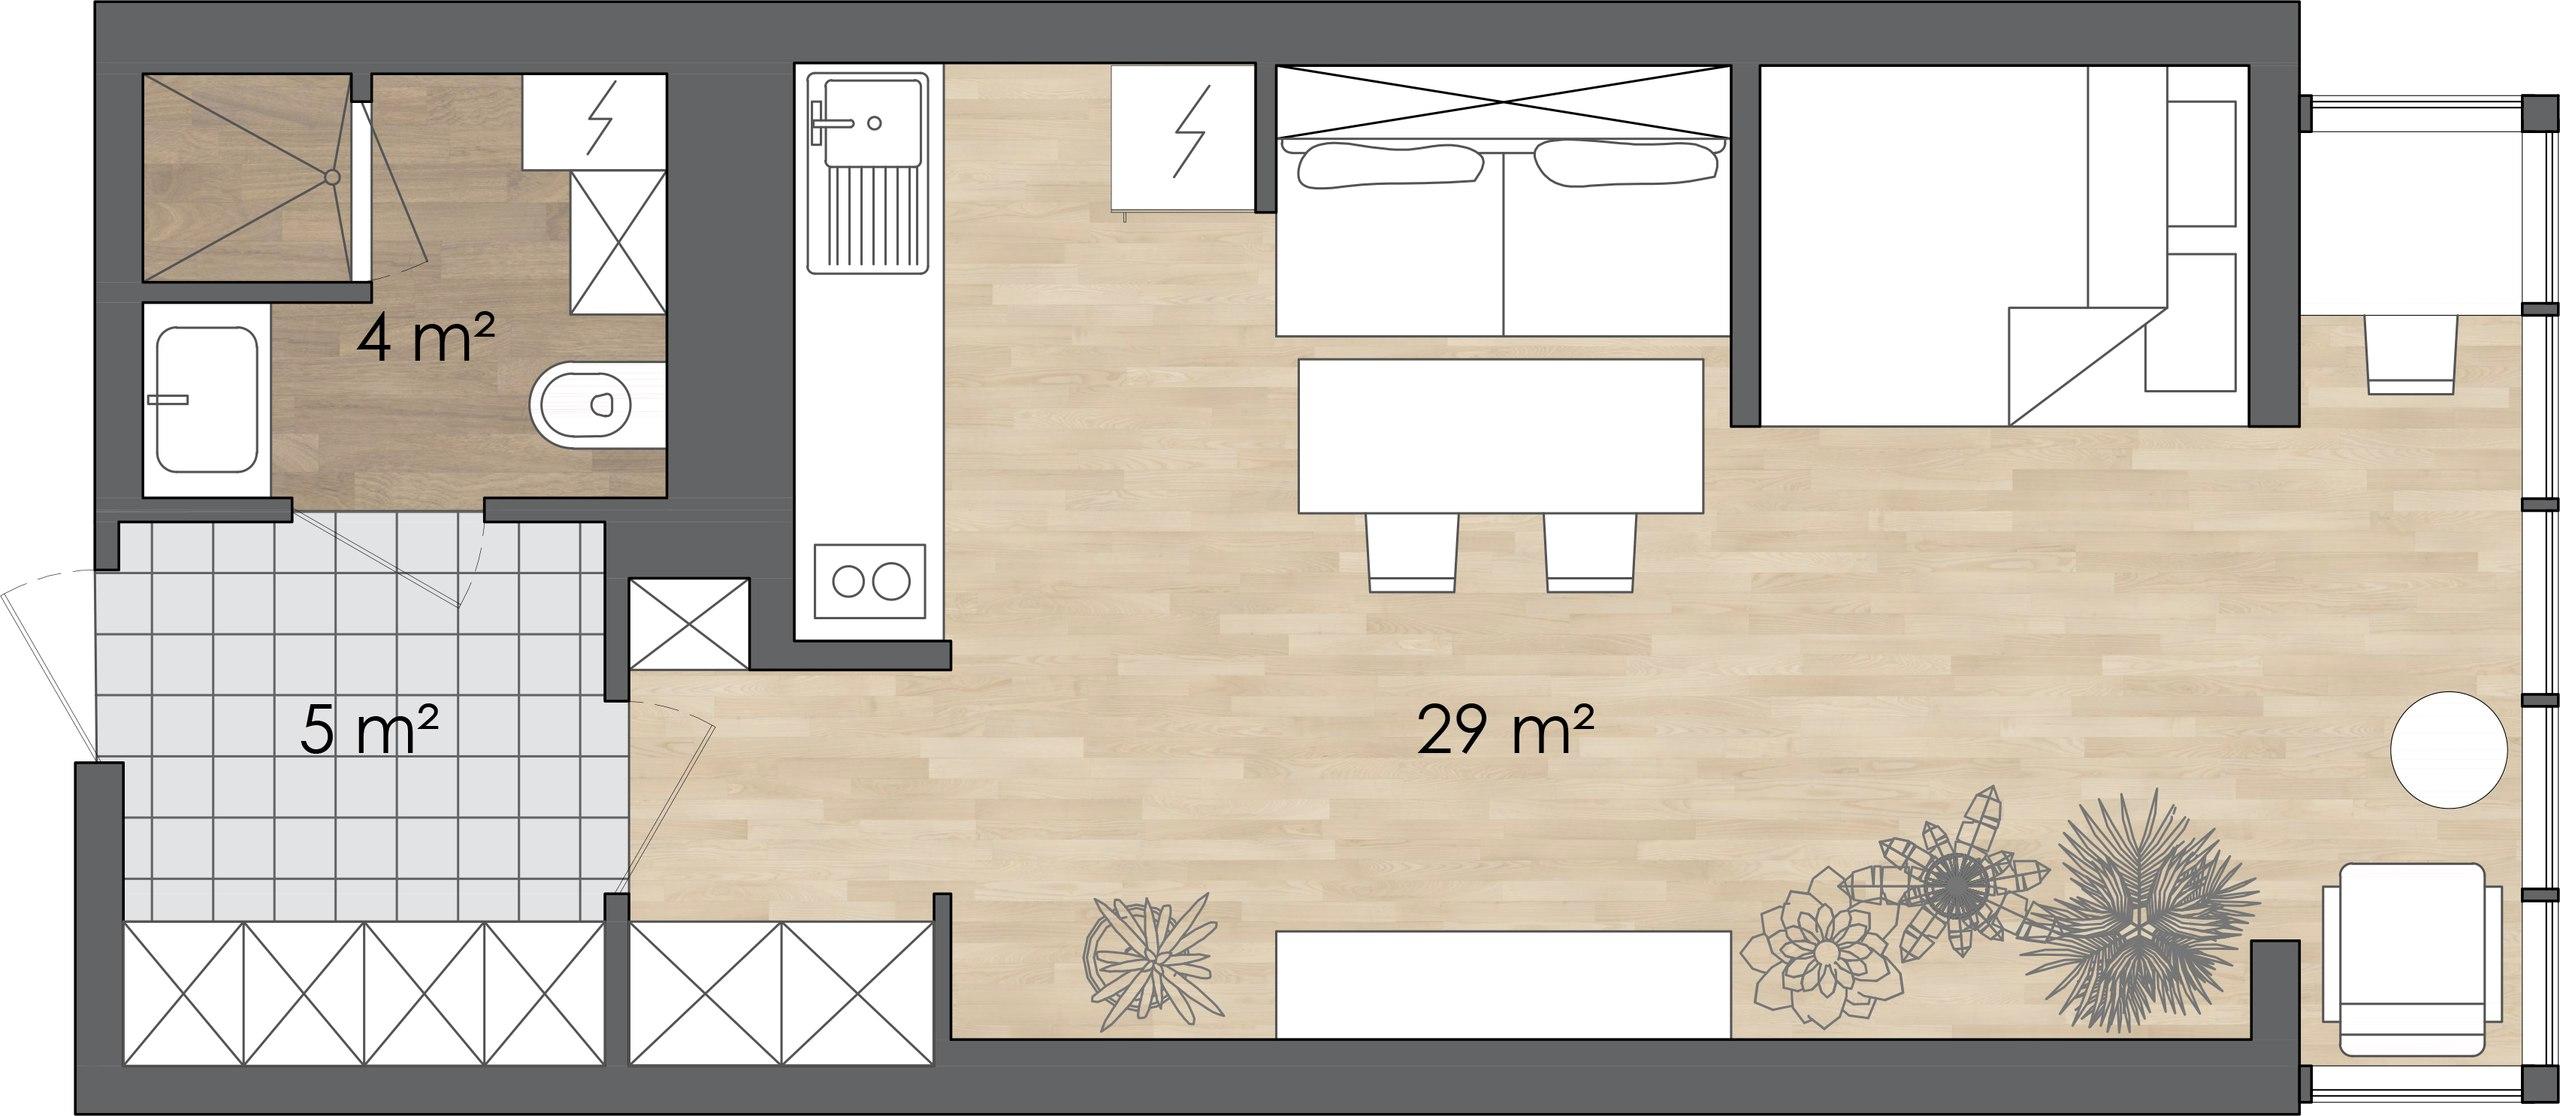 Проект квартиры-студии площадью 38м2.